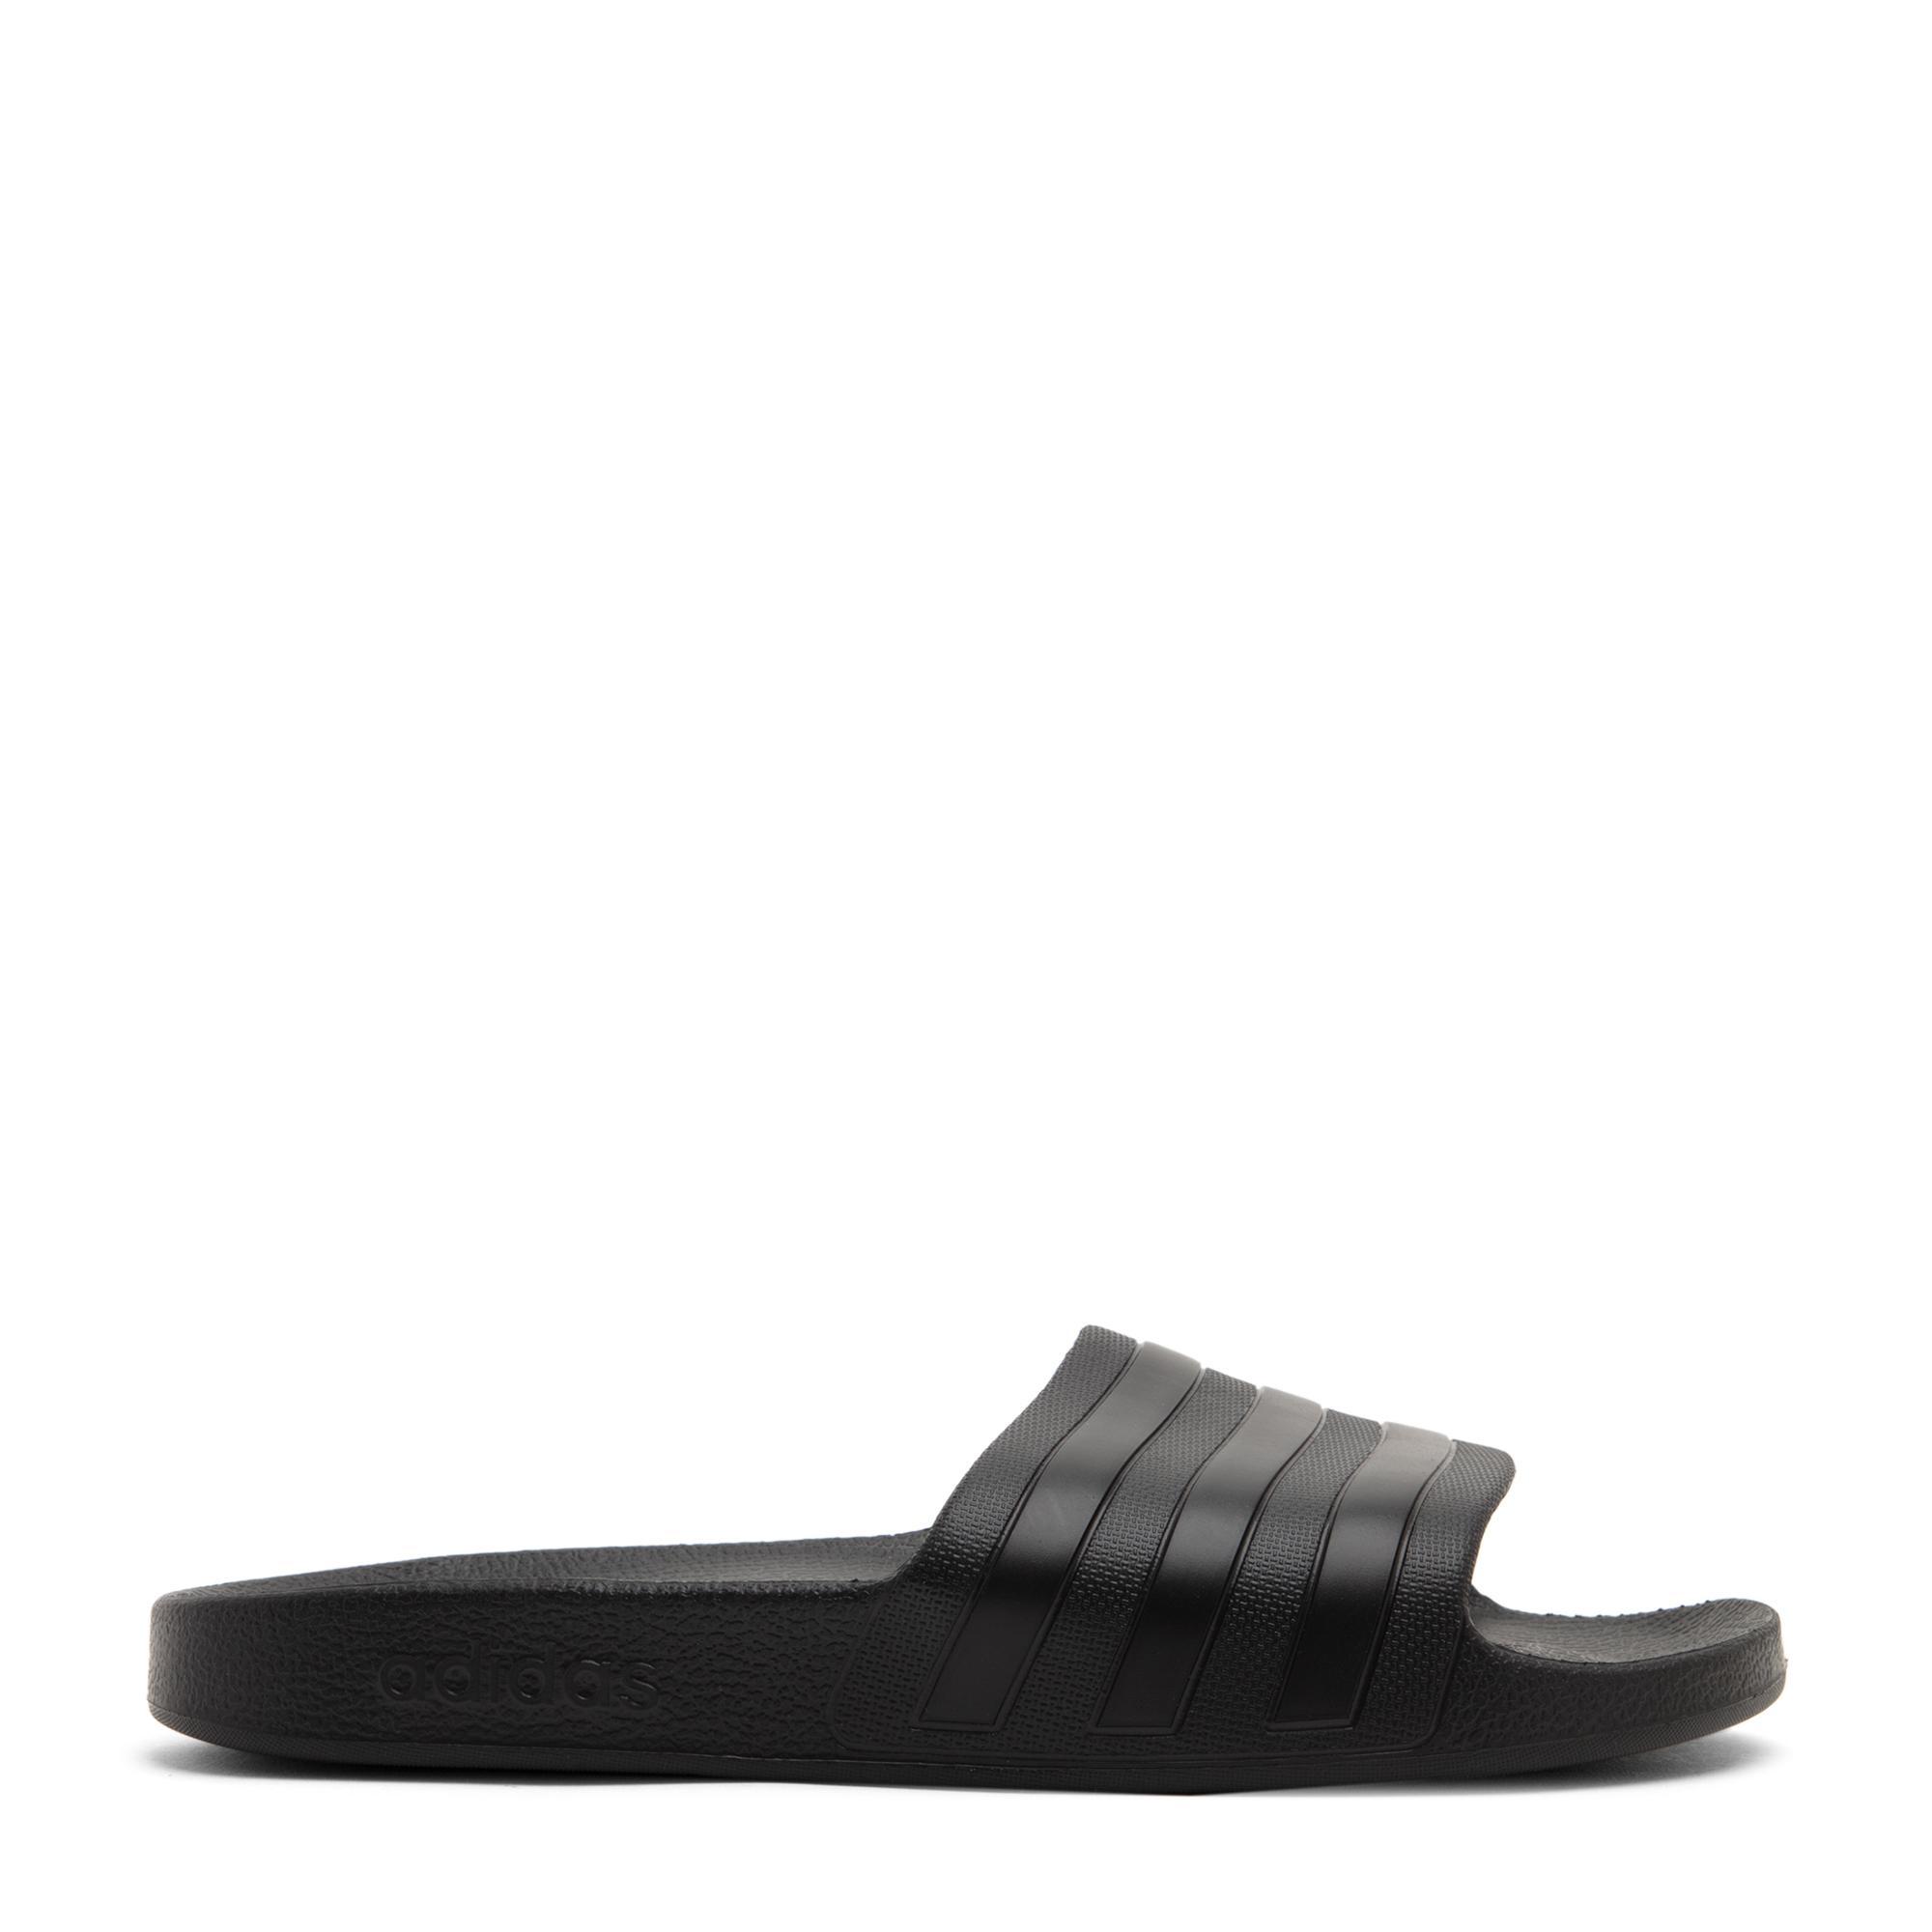 أحذية أديليت أكوا المفتوحة